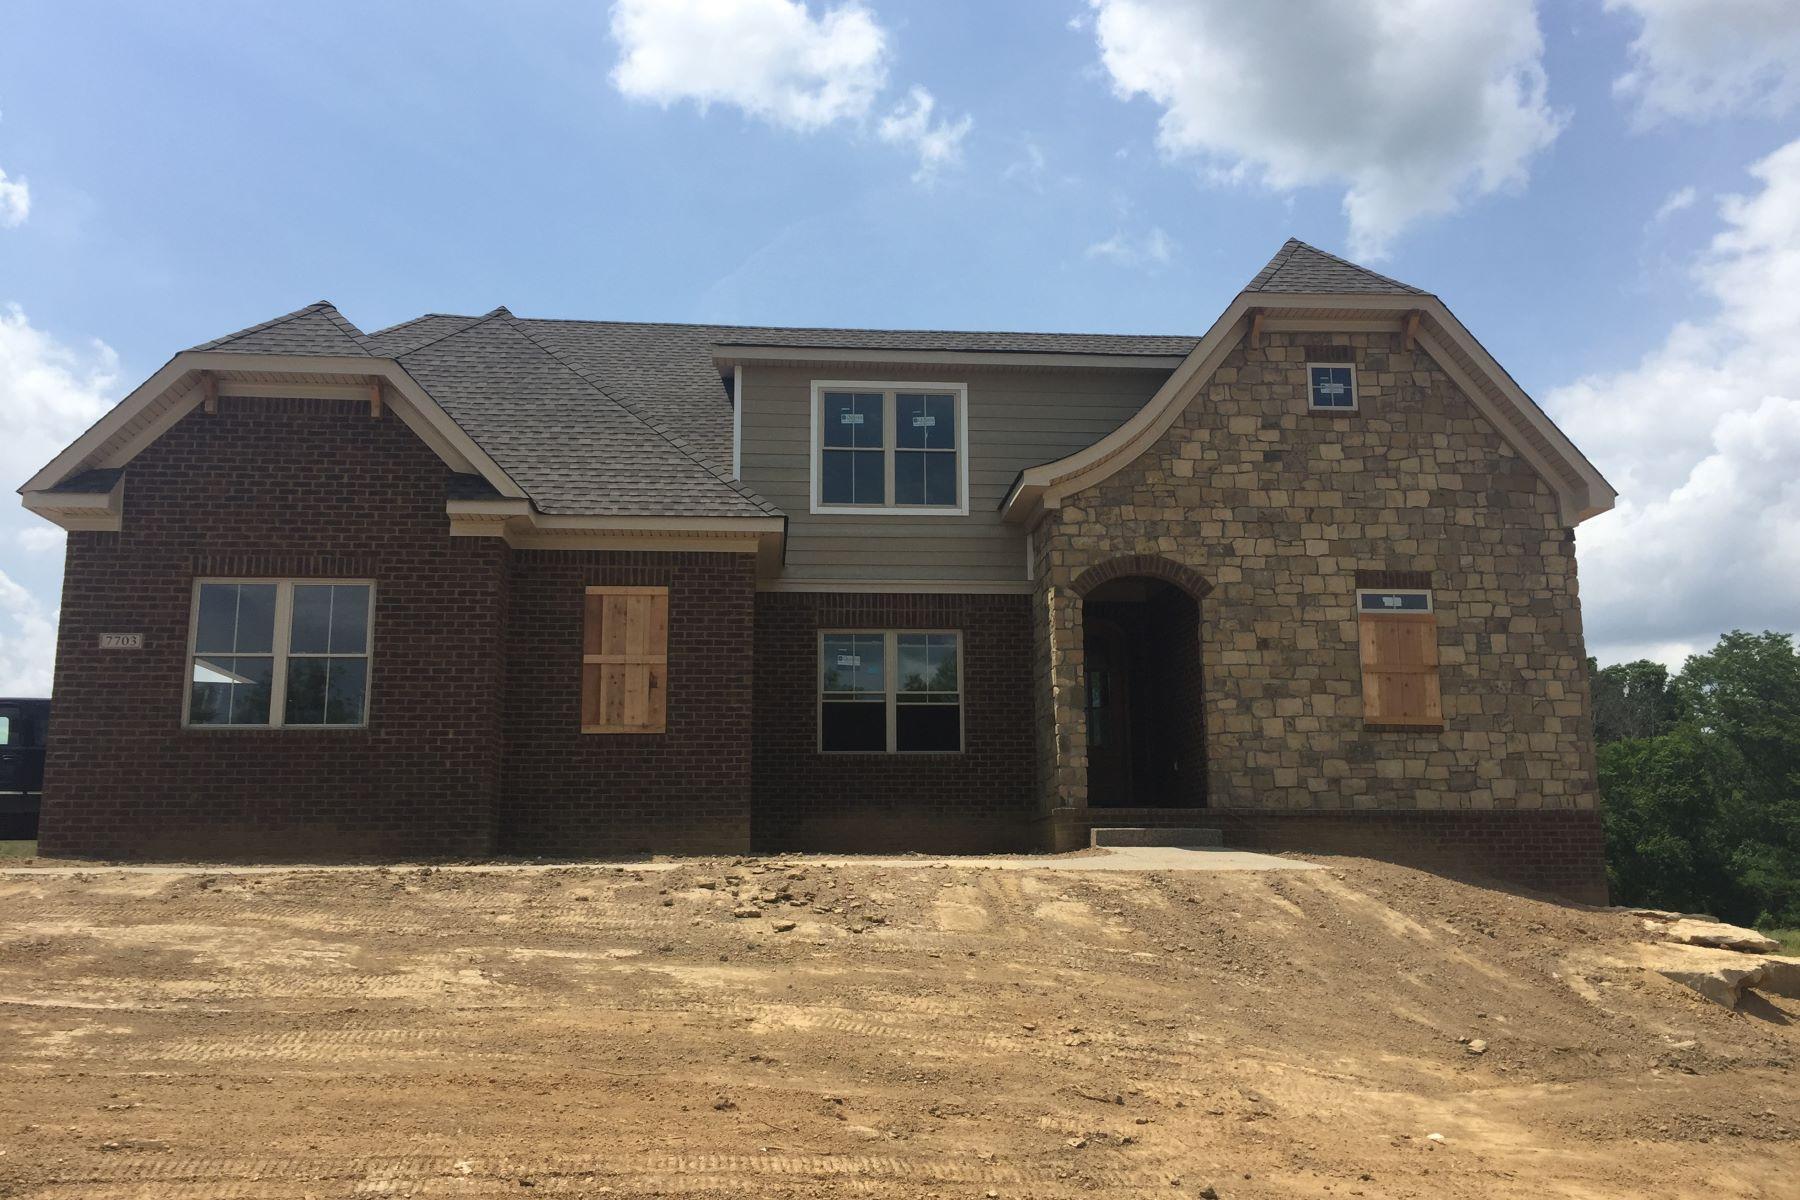 Maison unifamiliale pour l Vente à 7703 Keller Way Crestwood, Kentucky, 40014 États-Unis